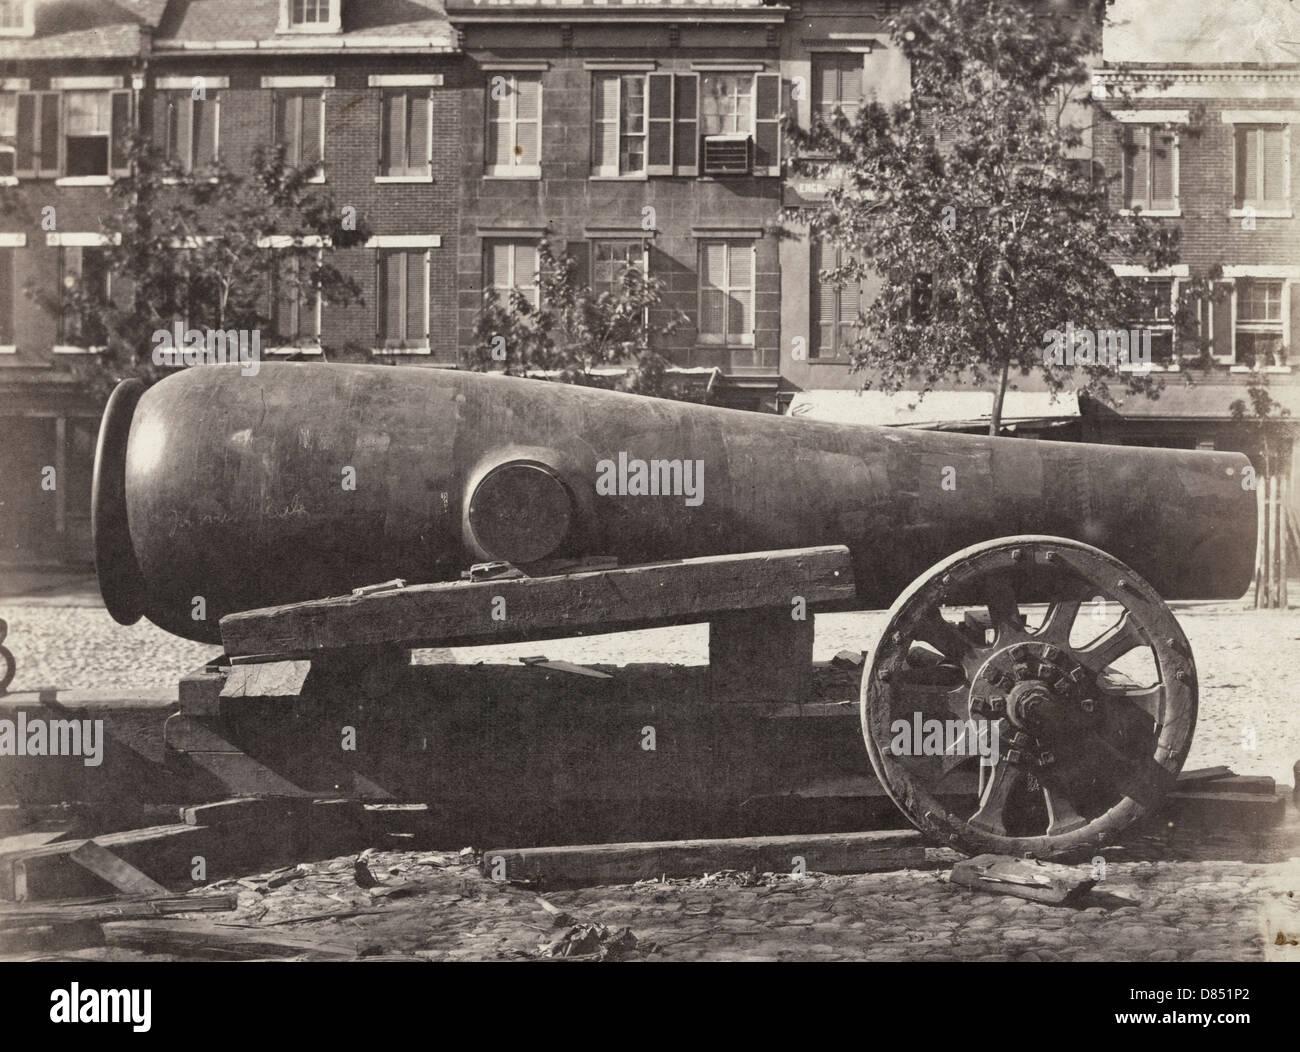 Le 'canon' Floyyd: 15 pouces, plage 6 km). Un canon appelé Le Floyyd [c.-à-d., Floyd] Gun, Photo Stock